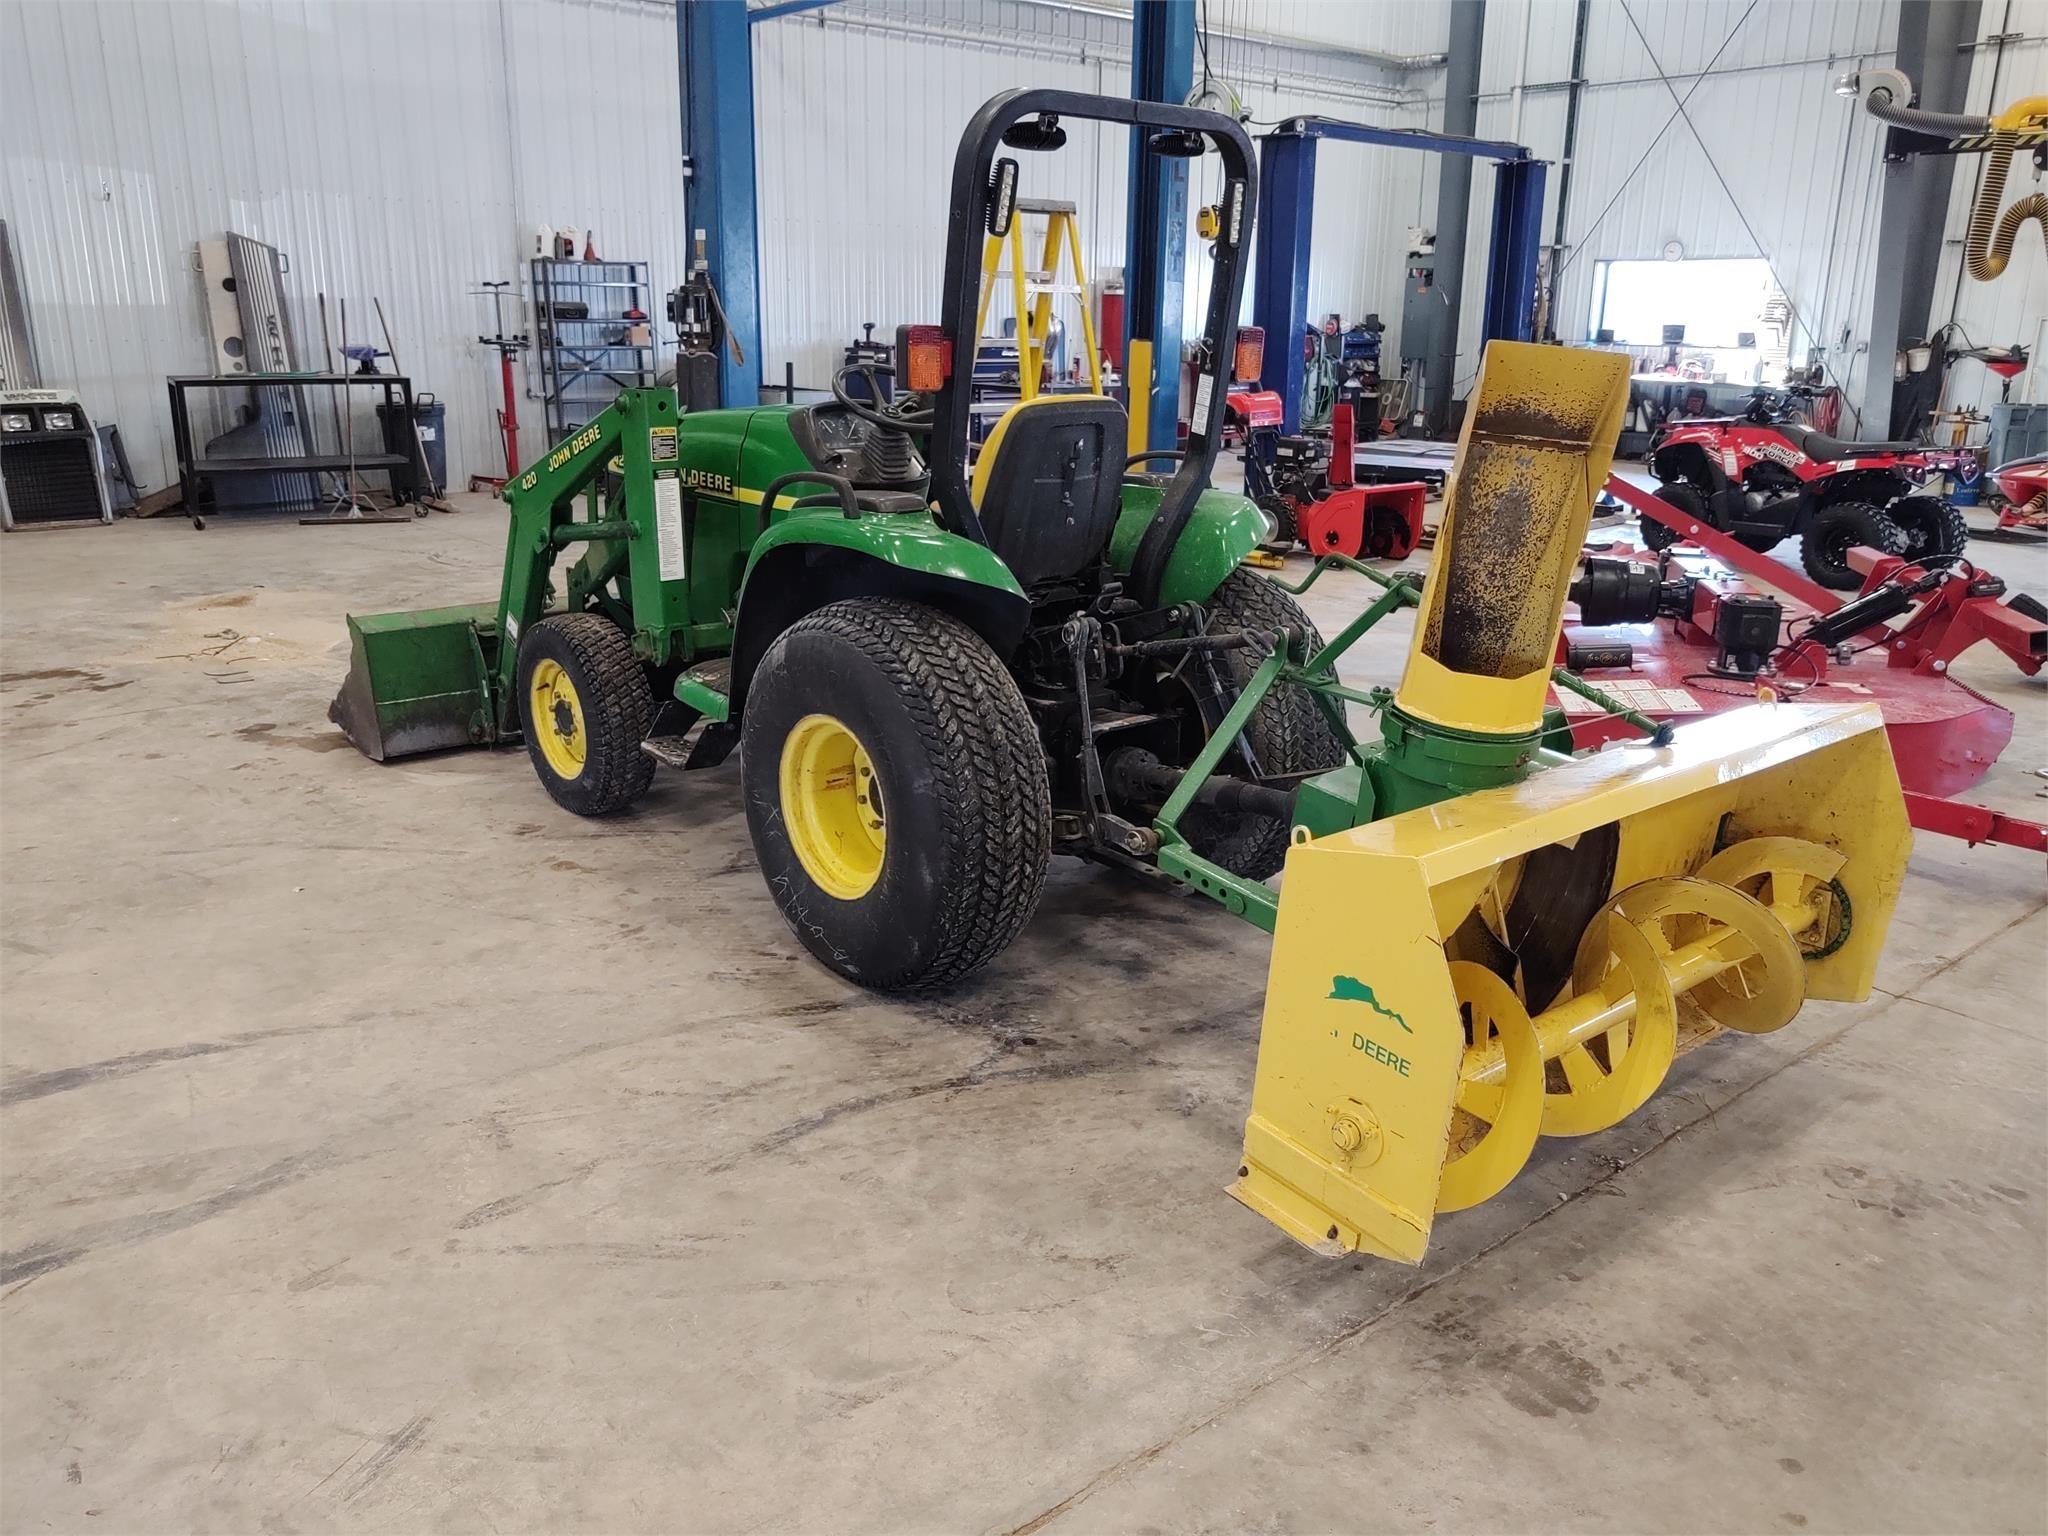 Farm King Y600 Snow Blower